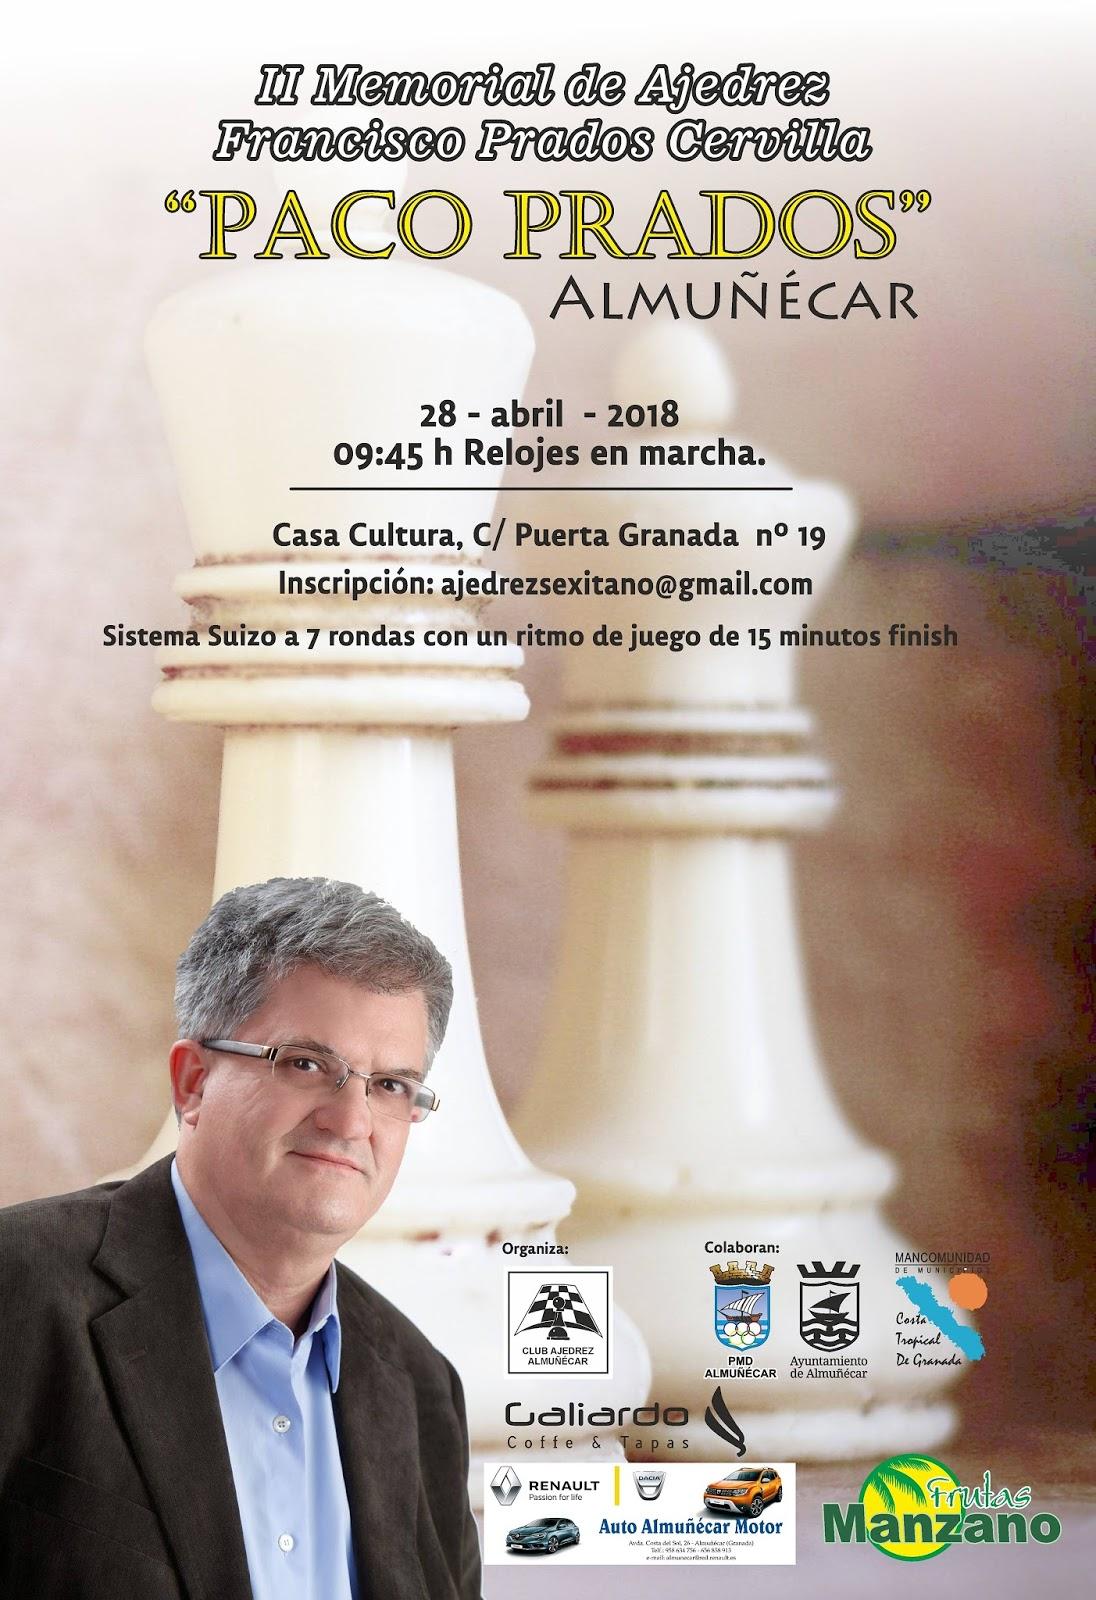 """II Torneo de Ajedrez Memorial de Francisco Prados Cervilla """"Paco Prados"""" para el 28 de abril"""